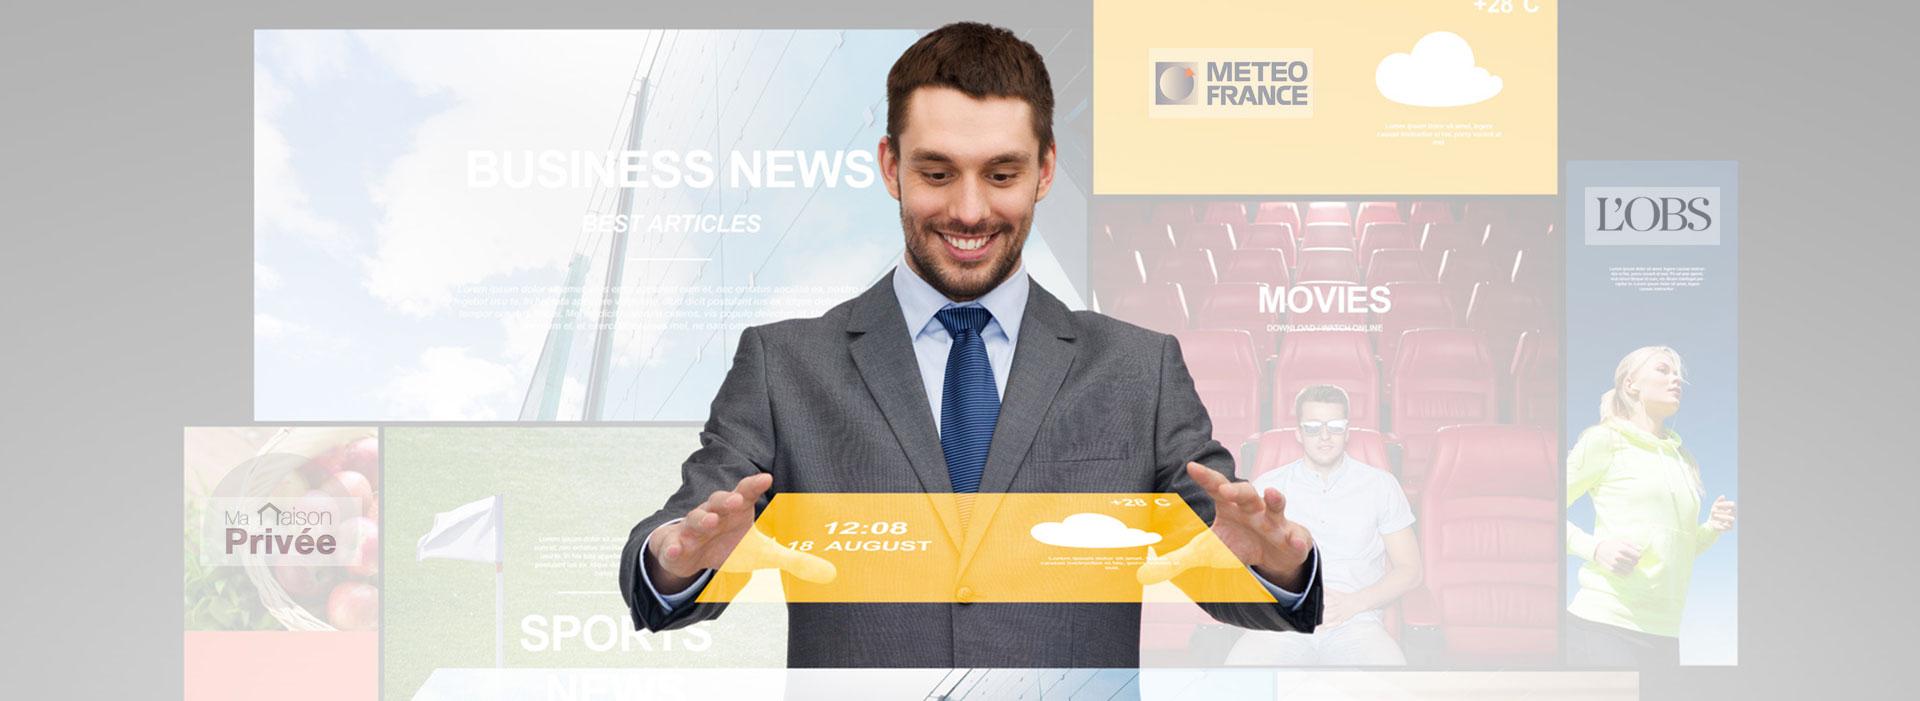 Vente d'espaces publicitaires et gestion de newsletters